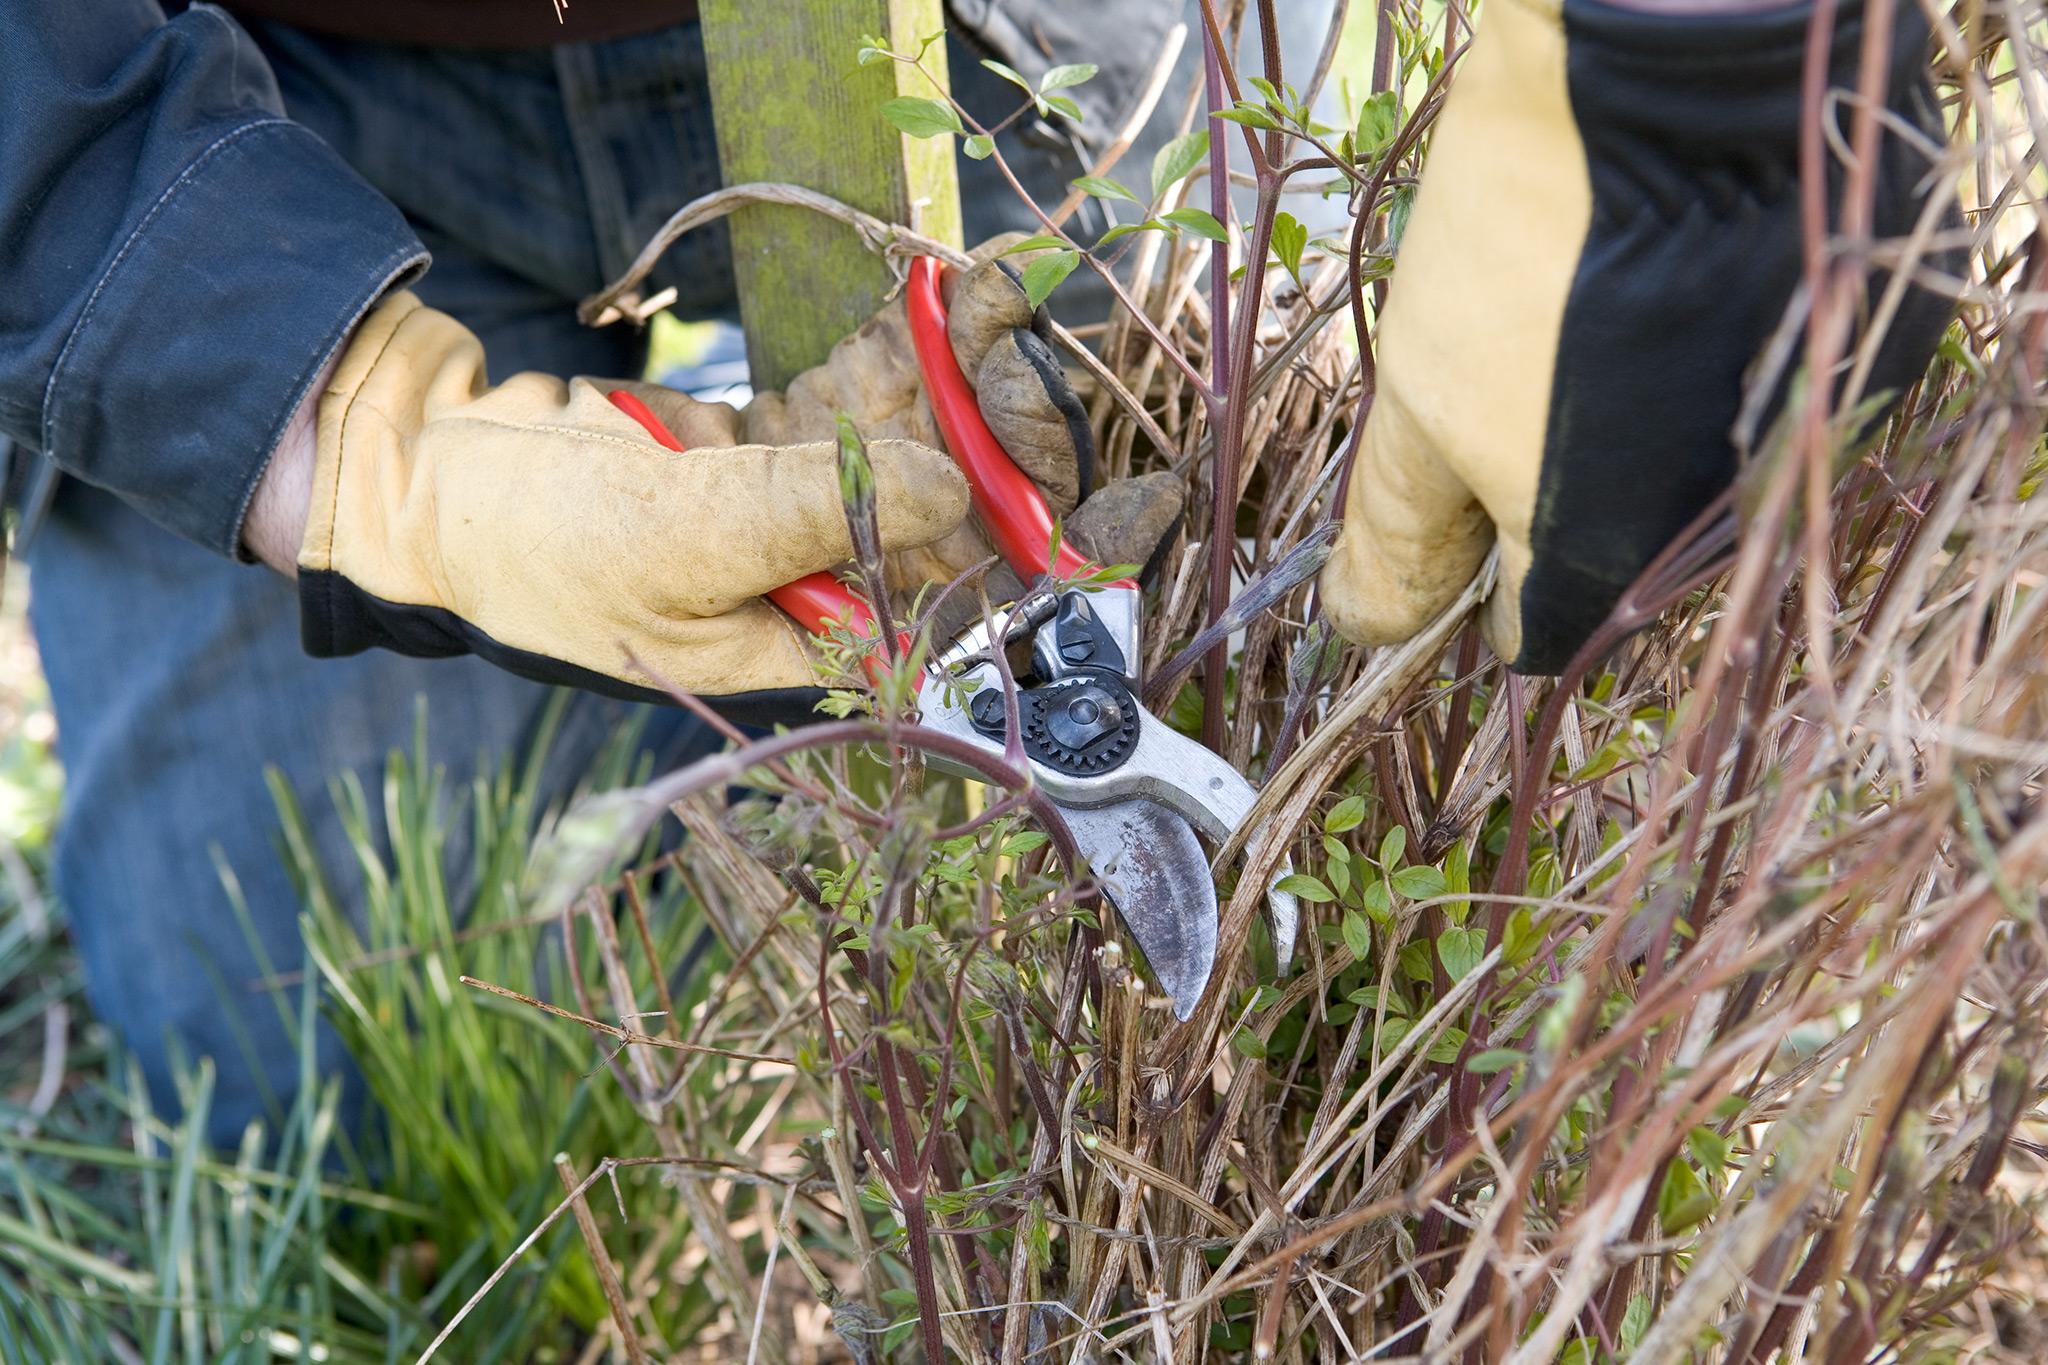 pruning-clematis-in-spring-2